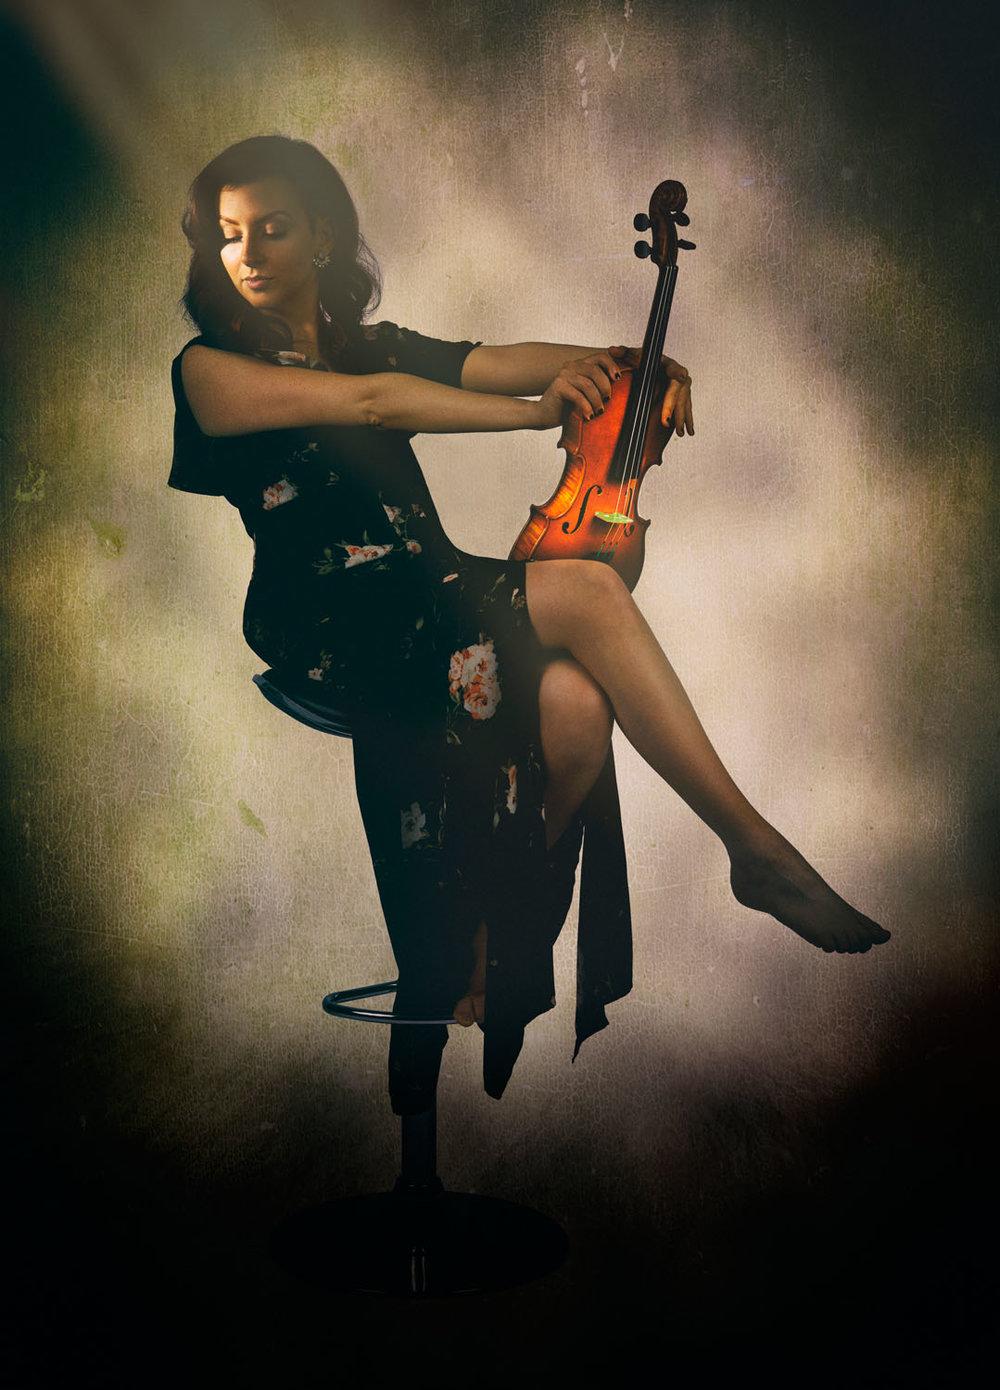 Valerie Hewson_Violin conflict_Final_V2.jpg